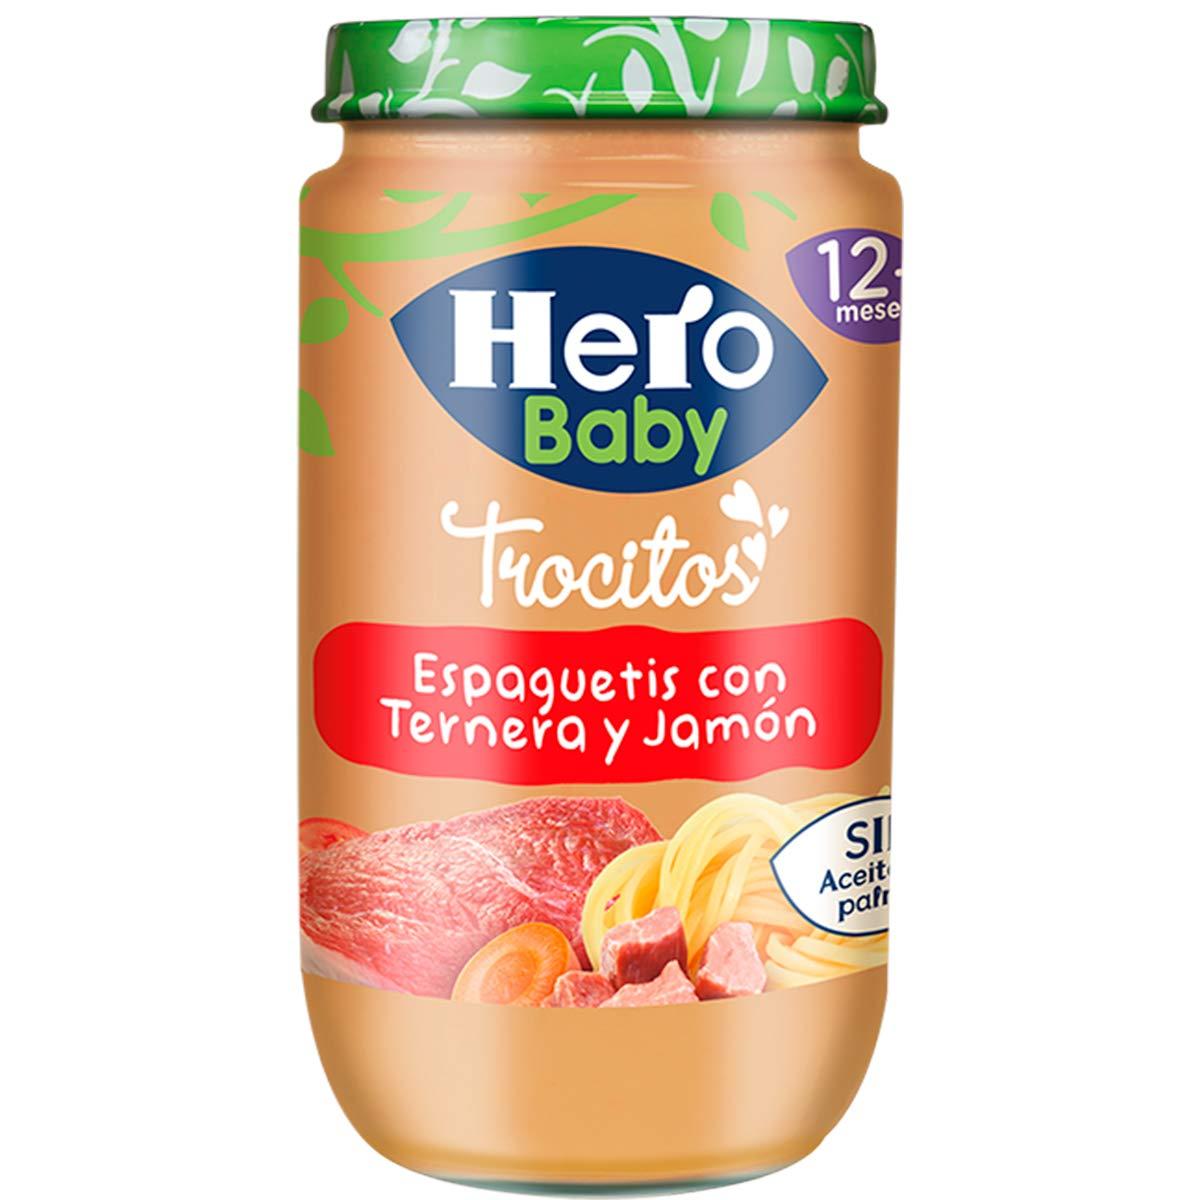 Pack 12 Hero Baby Trocitos Tarrito de Puré de Espaguetis con Ternera y Jamón